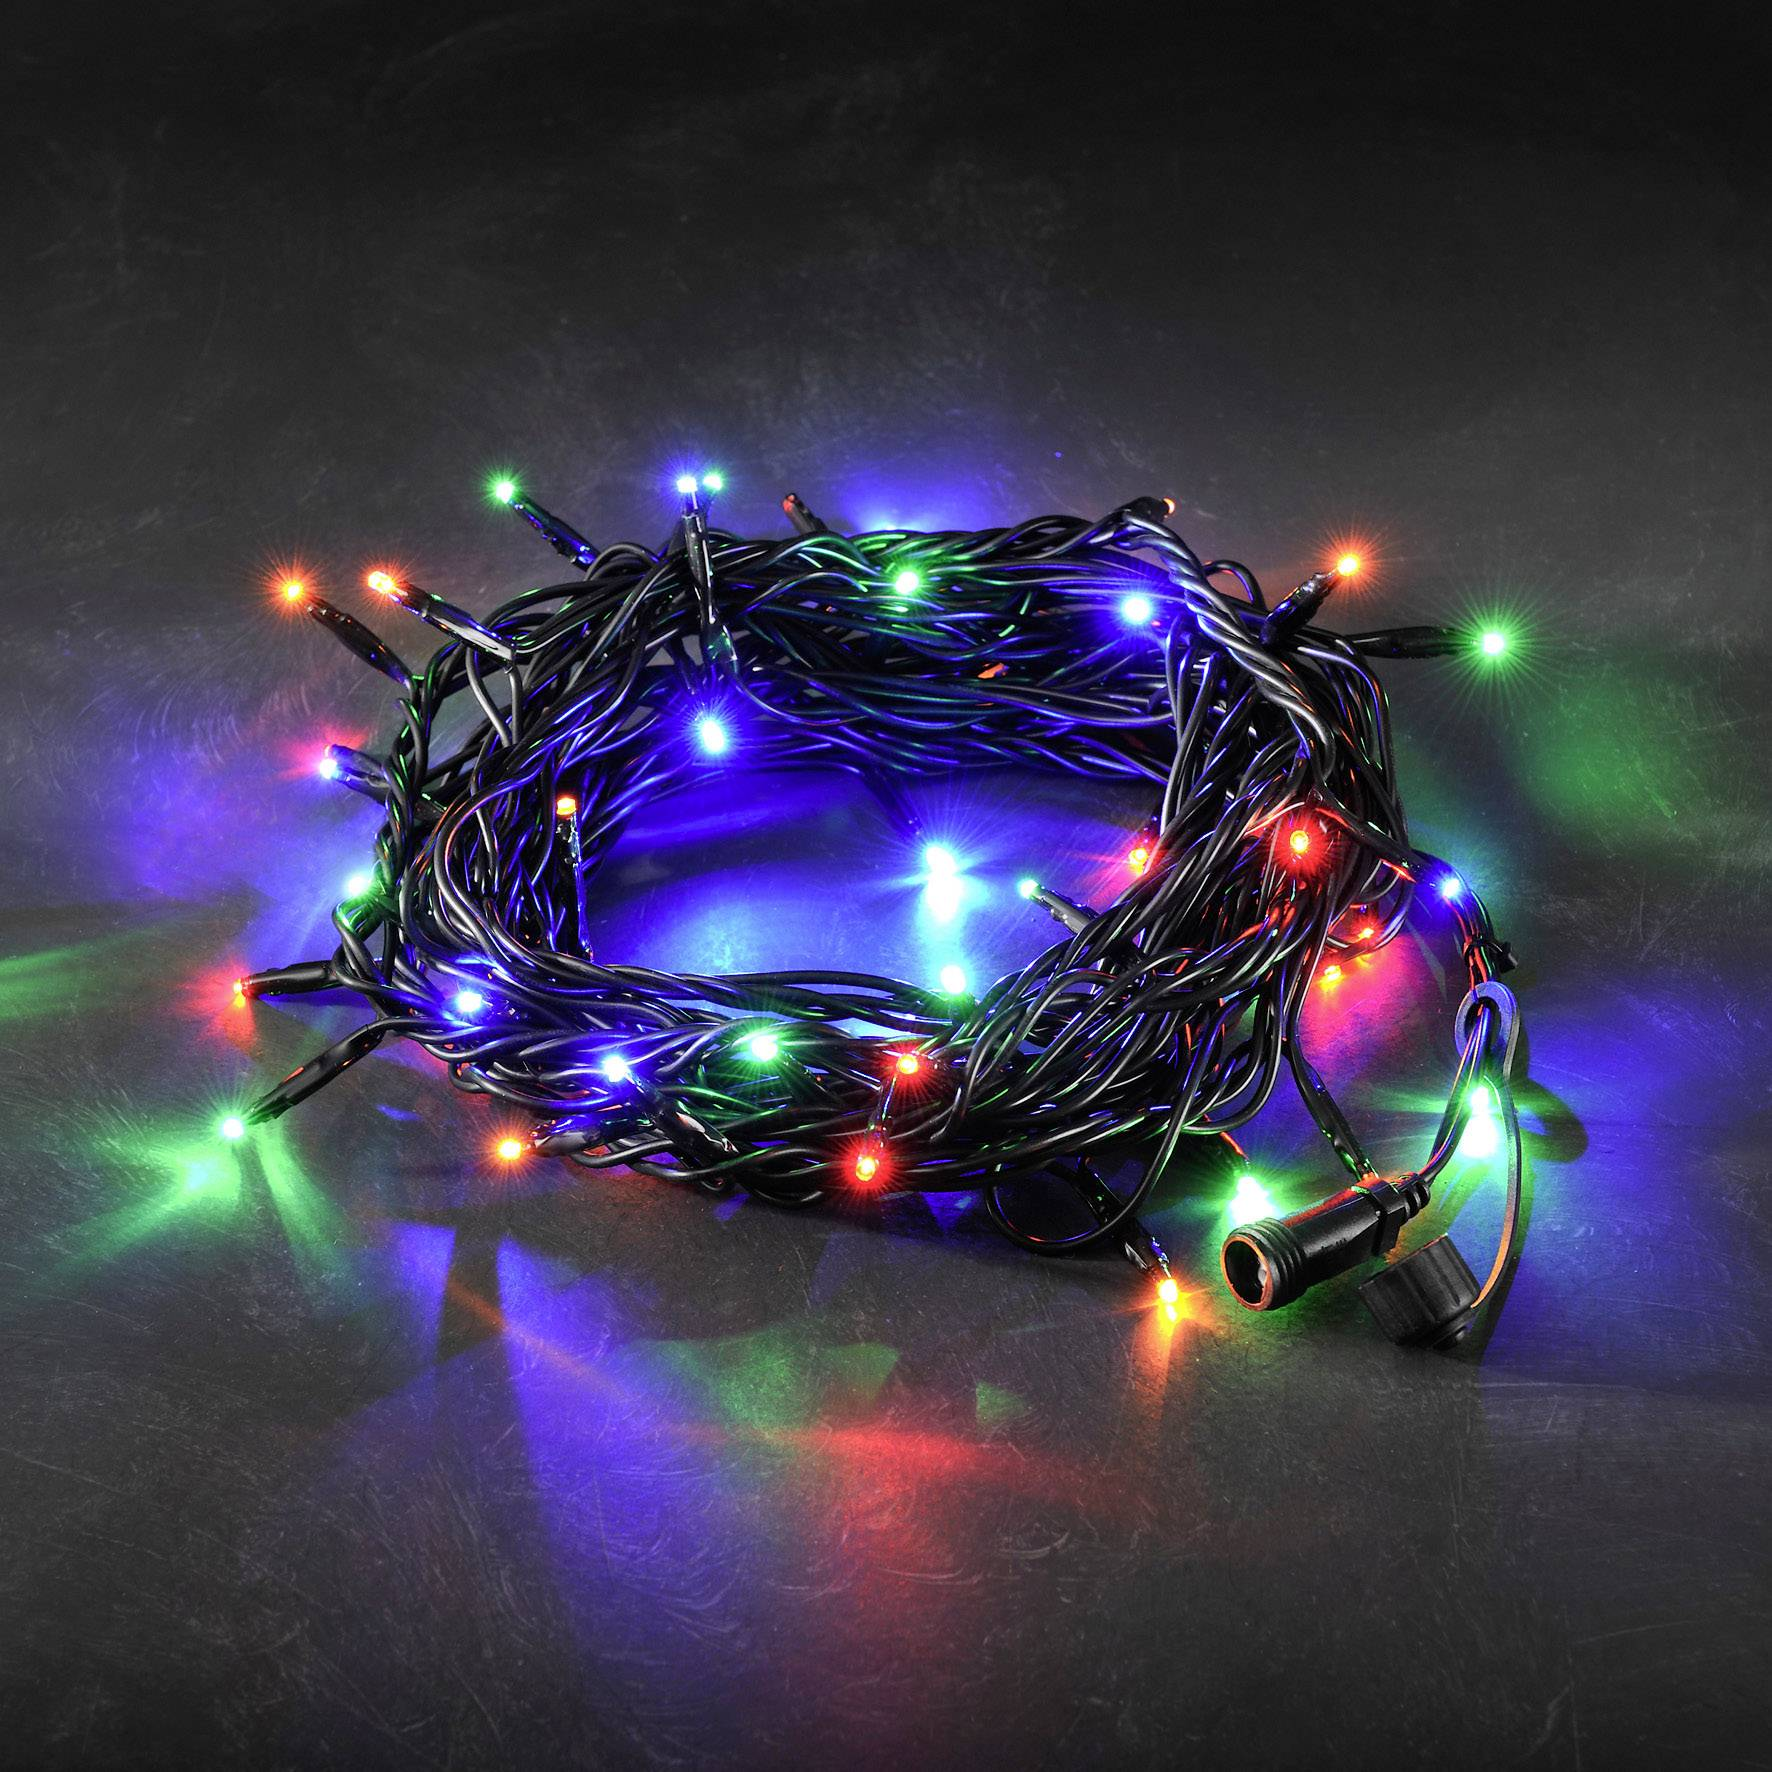 LED rozšíření systému světelných řetězů 31 V světelný řetez barevná Konstsmide